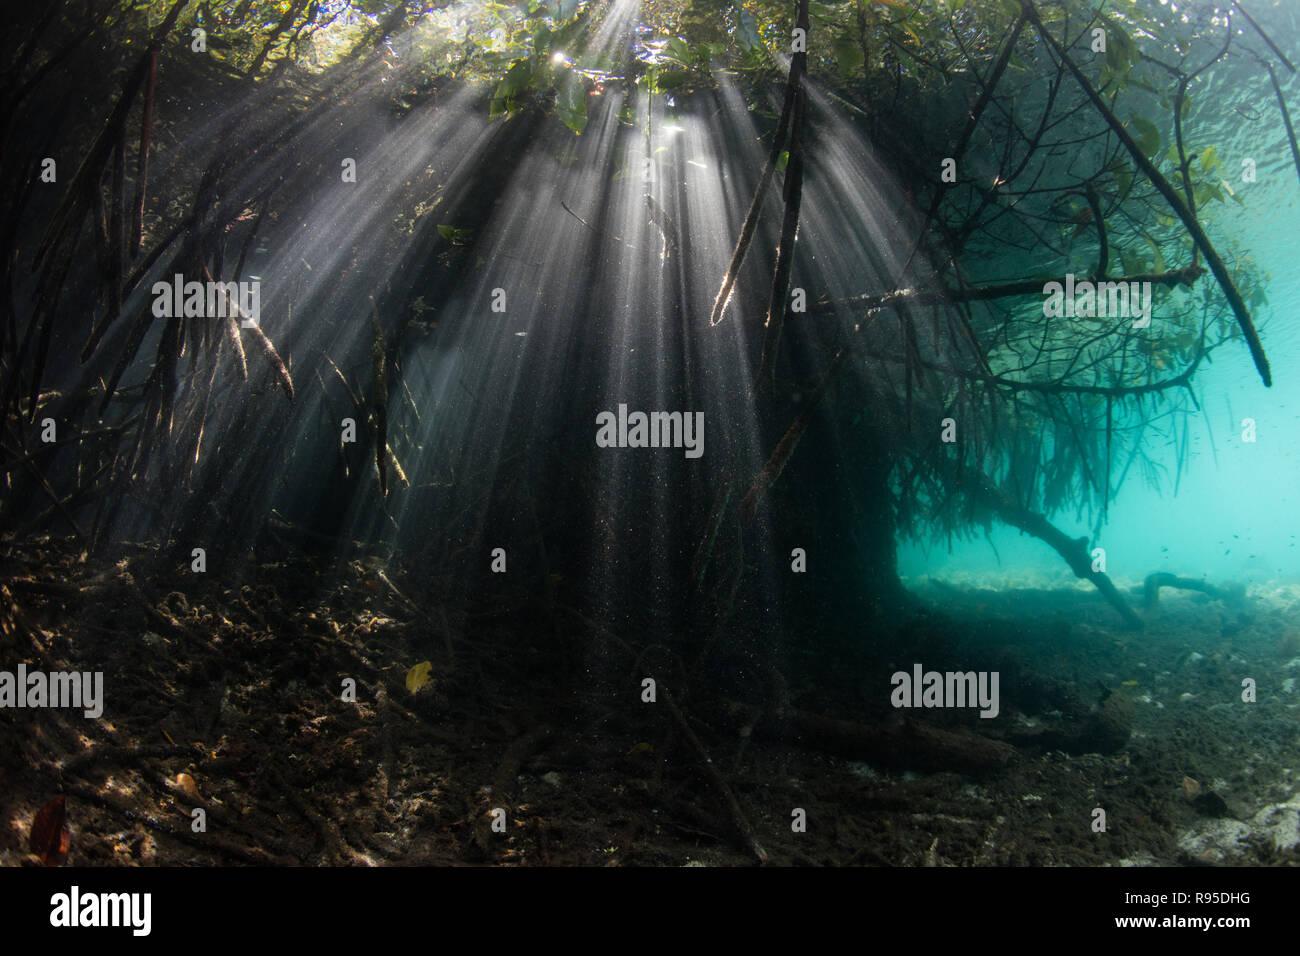 La luz del sol brilla en el agua azul de las sombras de un bosque de manglar en Raja Ampat, Indonesia. Imagen De Stock